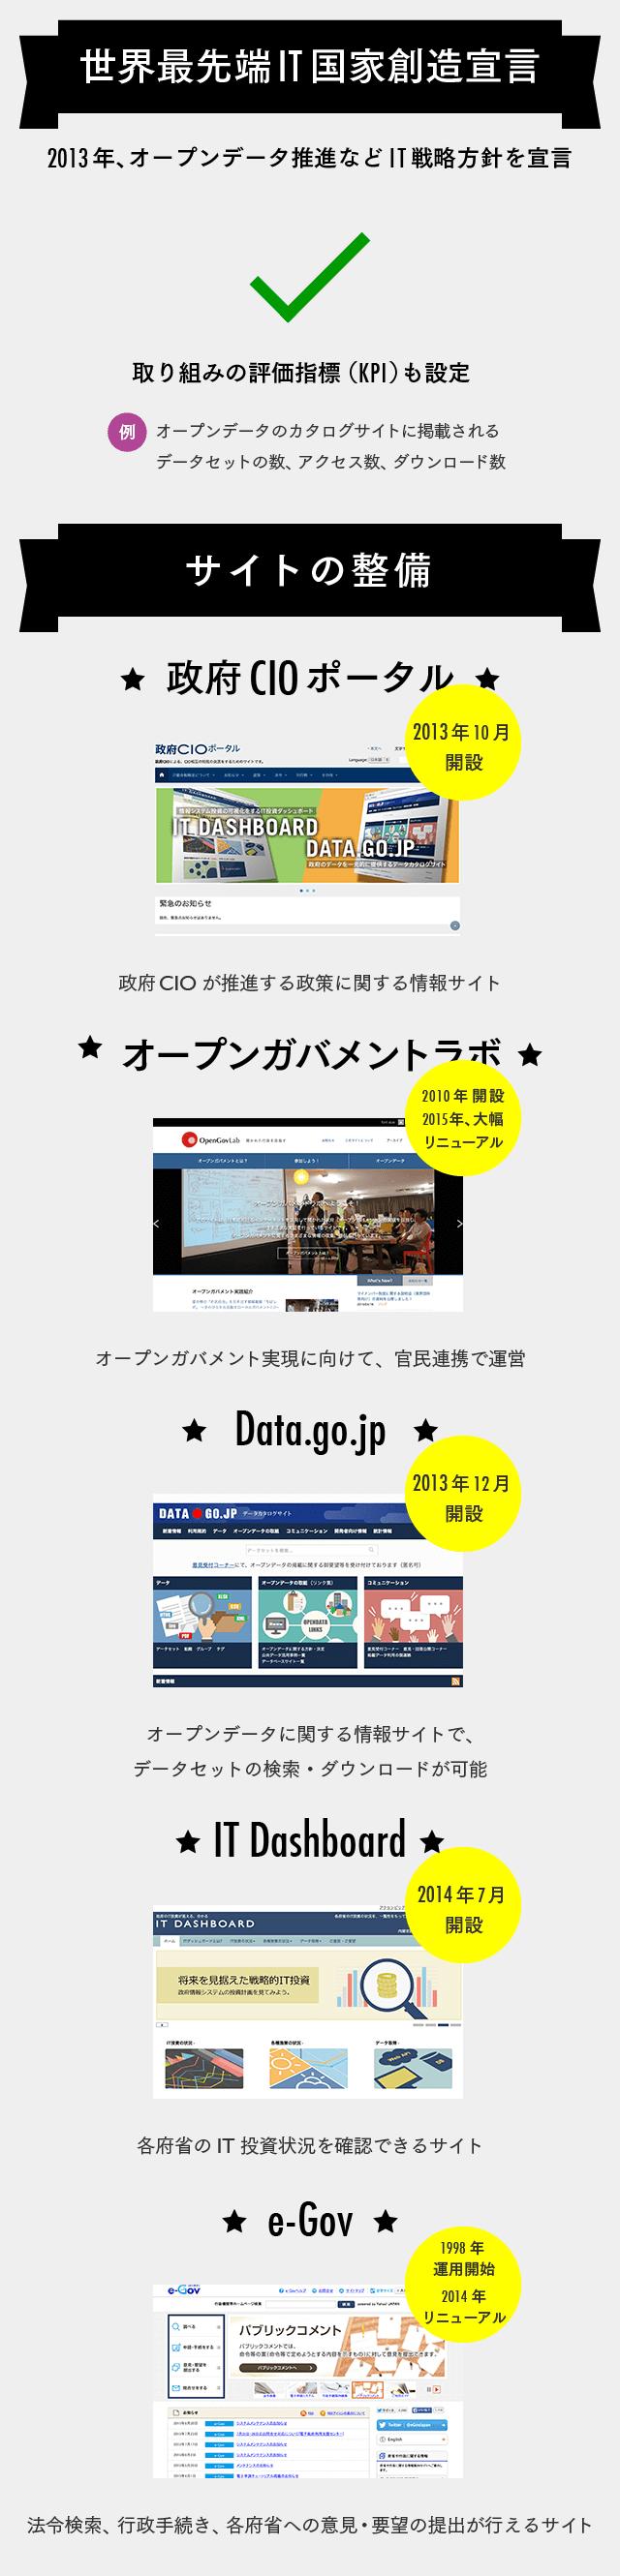 【マスター】はじめてのオープンガバメント_20150828-07